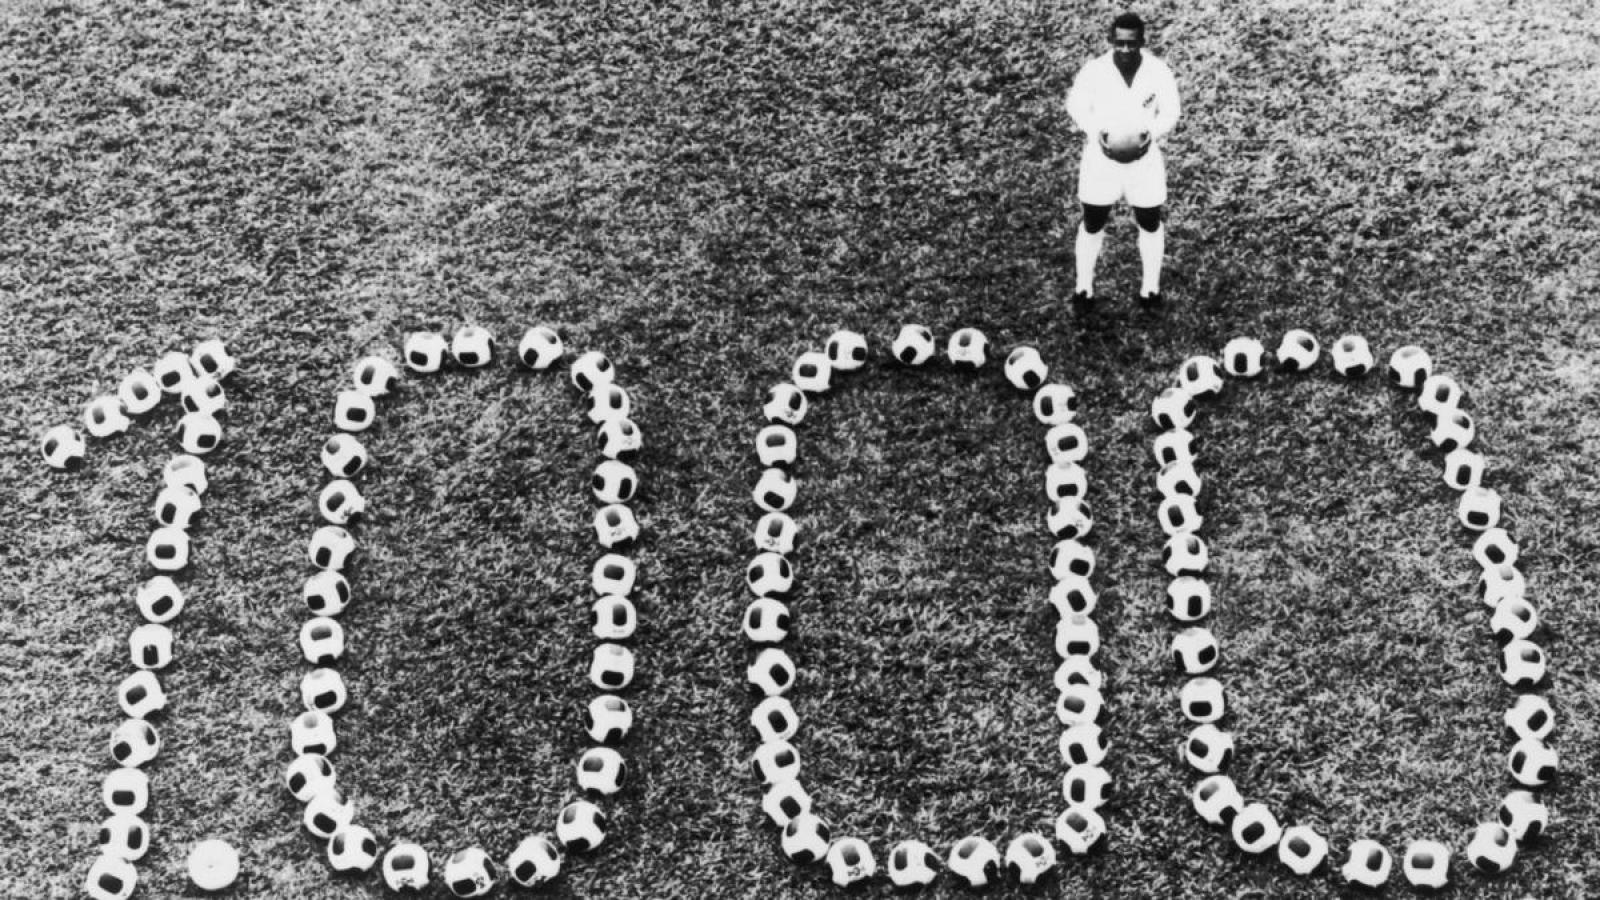 """Ngày này năm xưa: """"Vua bóng đá"""" Pele ghi bàn thắng thứ 1000 trong sự nghiệp"""